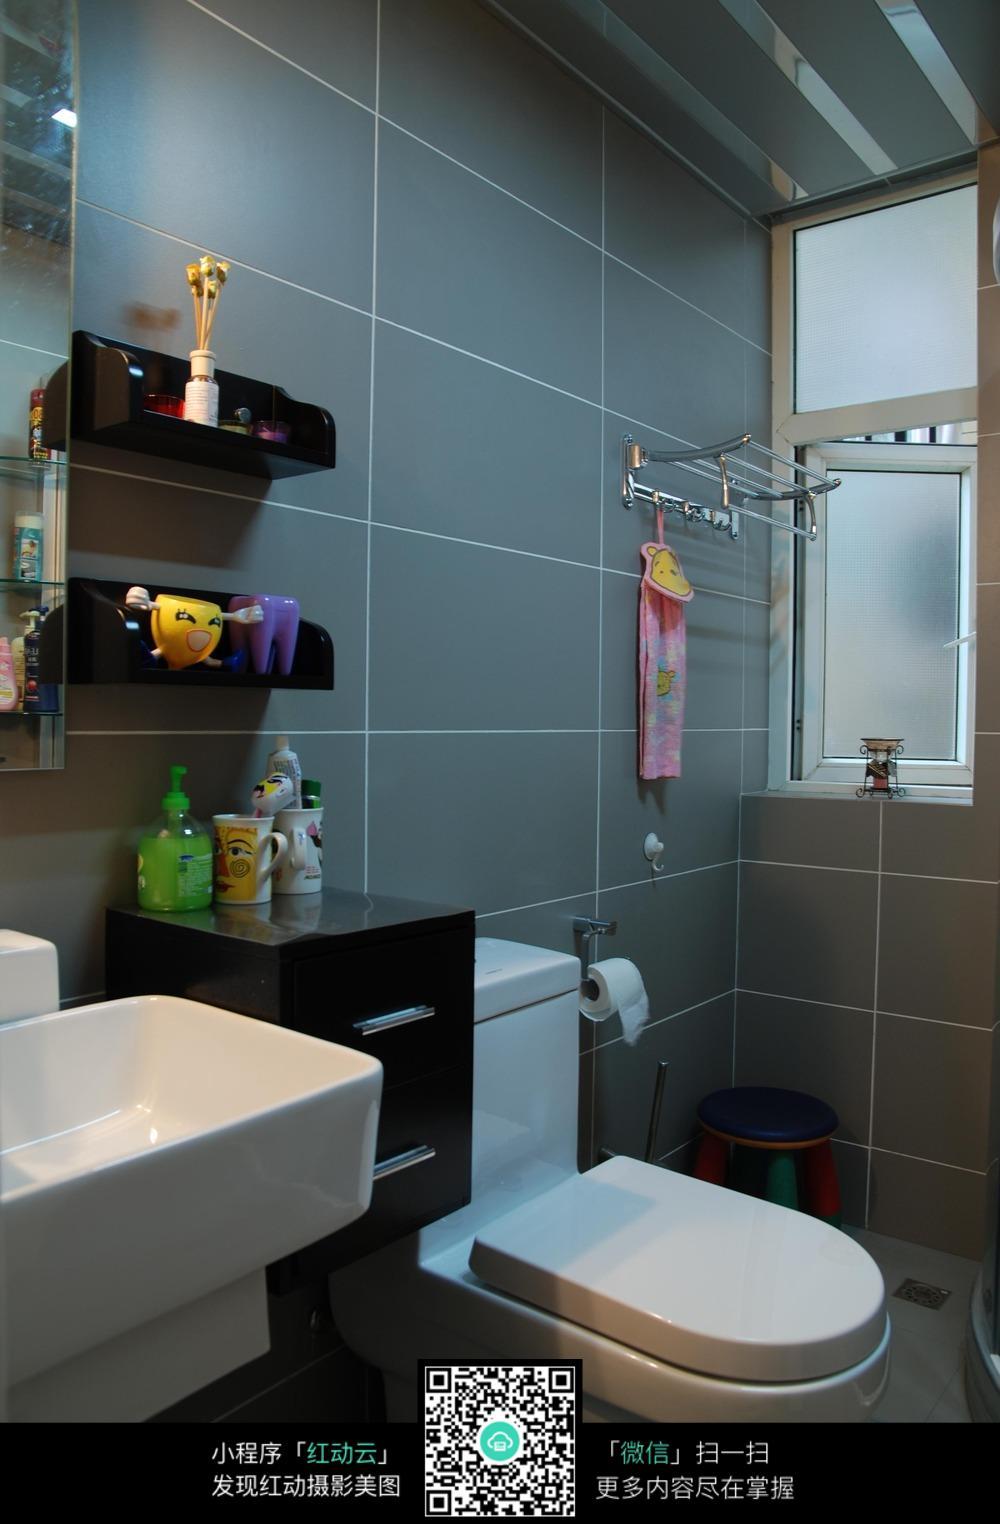 简约卫生间设计图片_室内设计图片图片